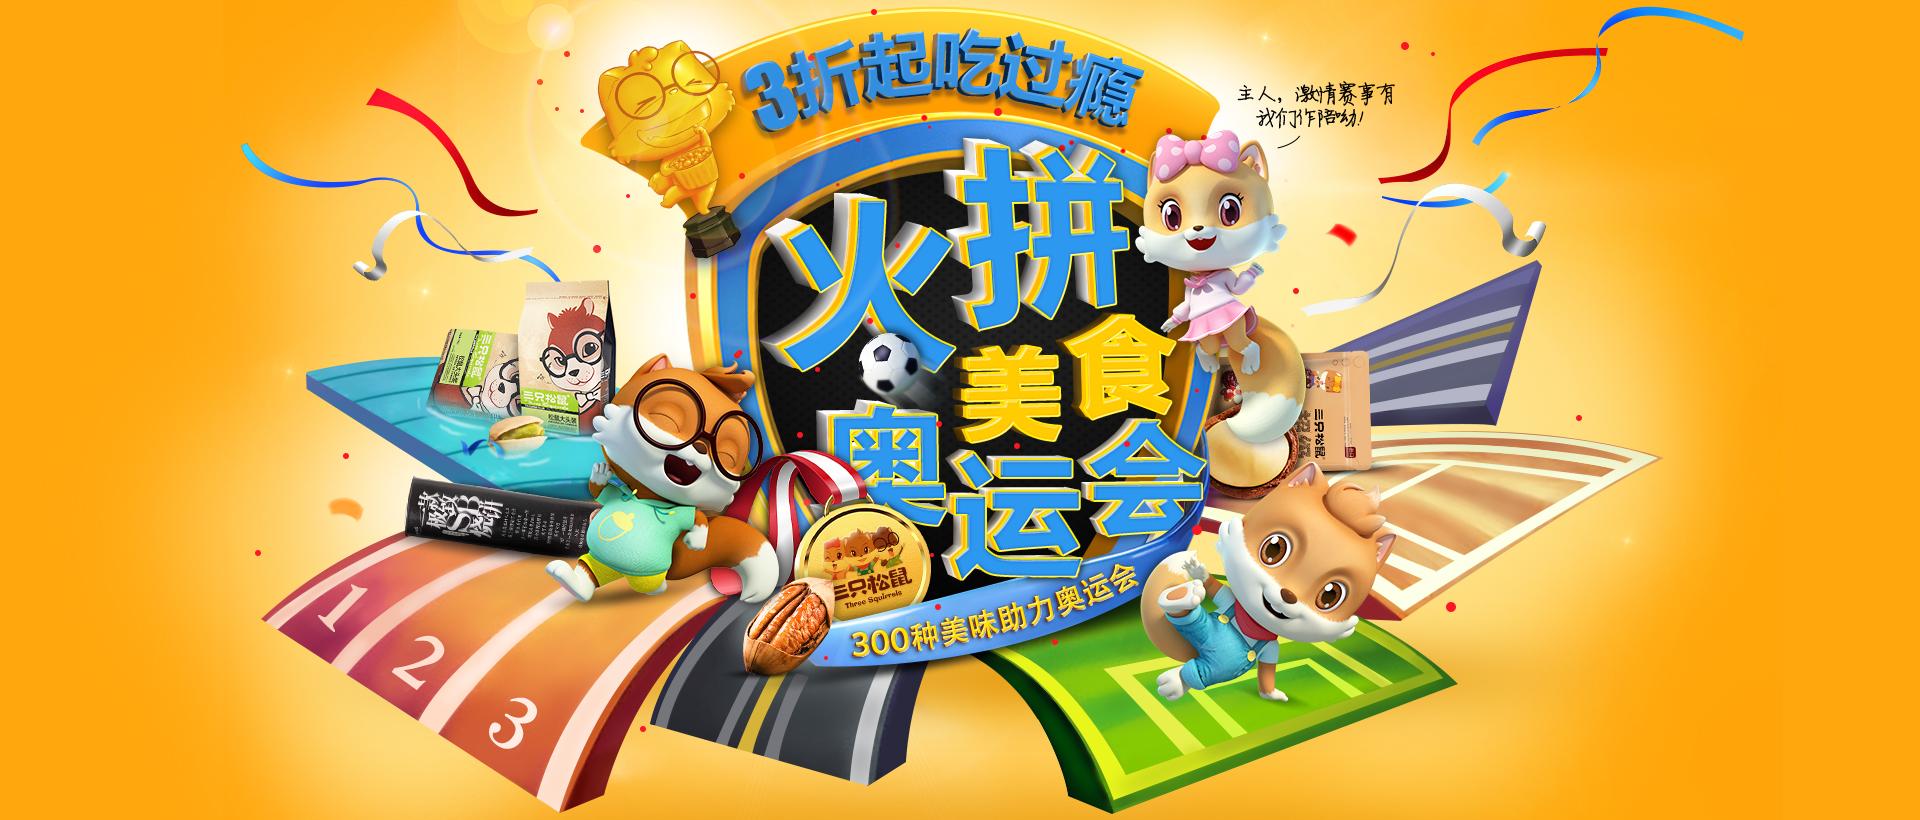 三只松鼠 火拼美食奥运会页面 |网页|banner/广告图图片